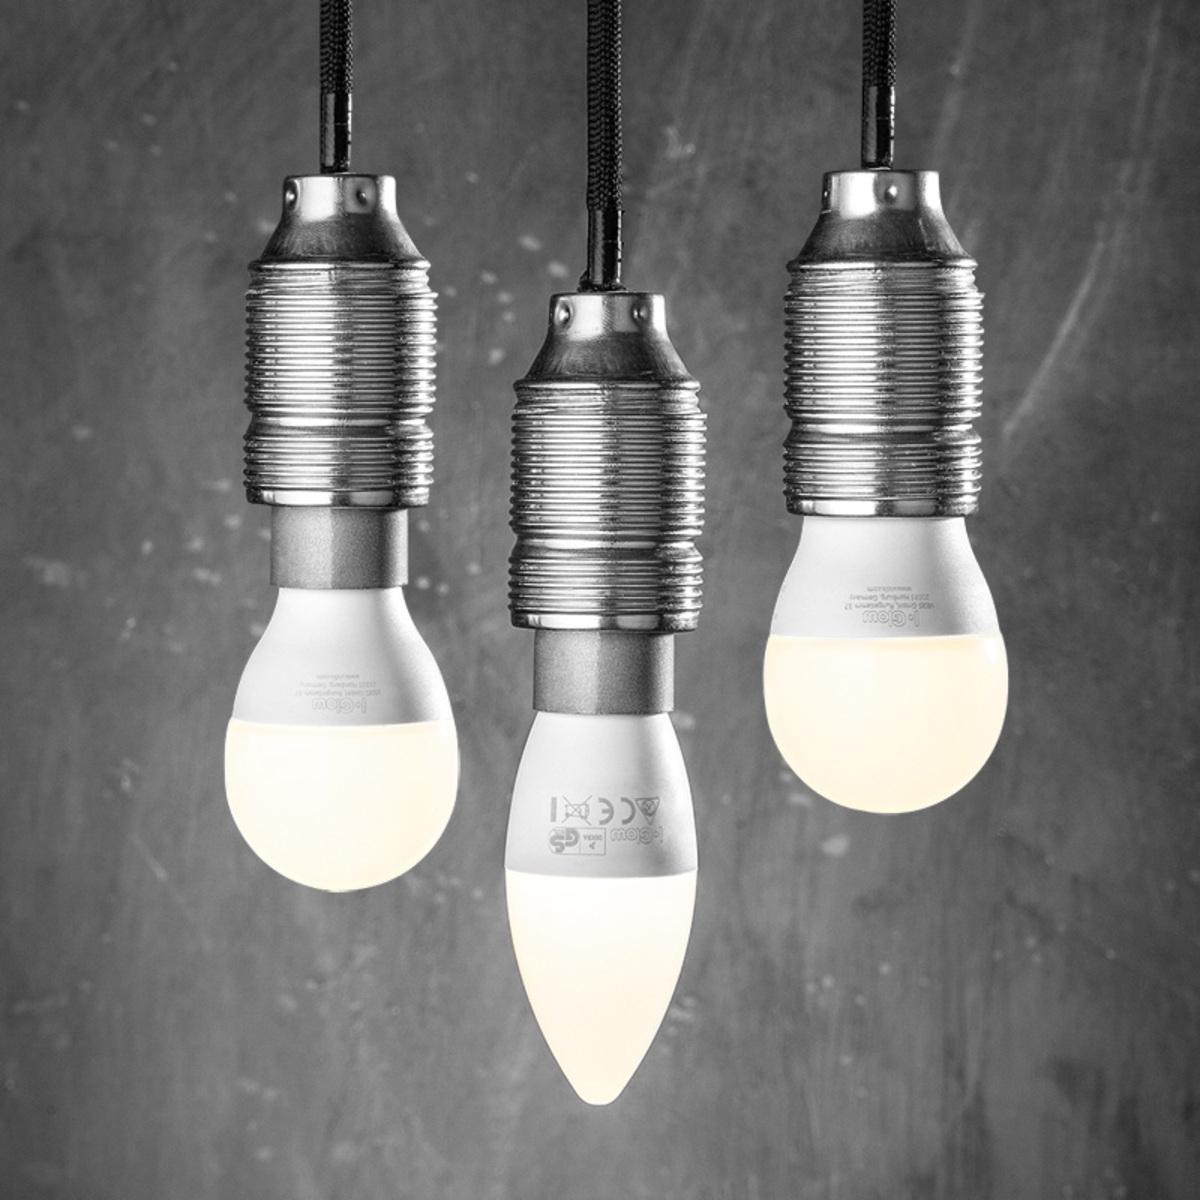 Bild 1 von I-Glow LED-Leuchtmittel